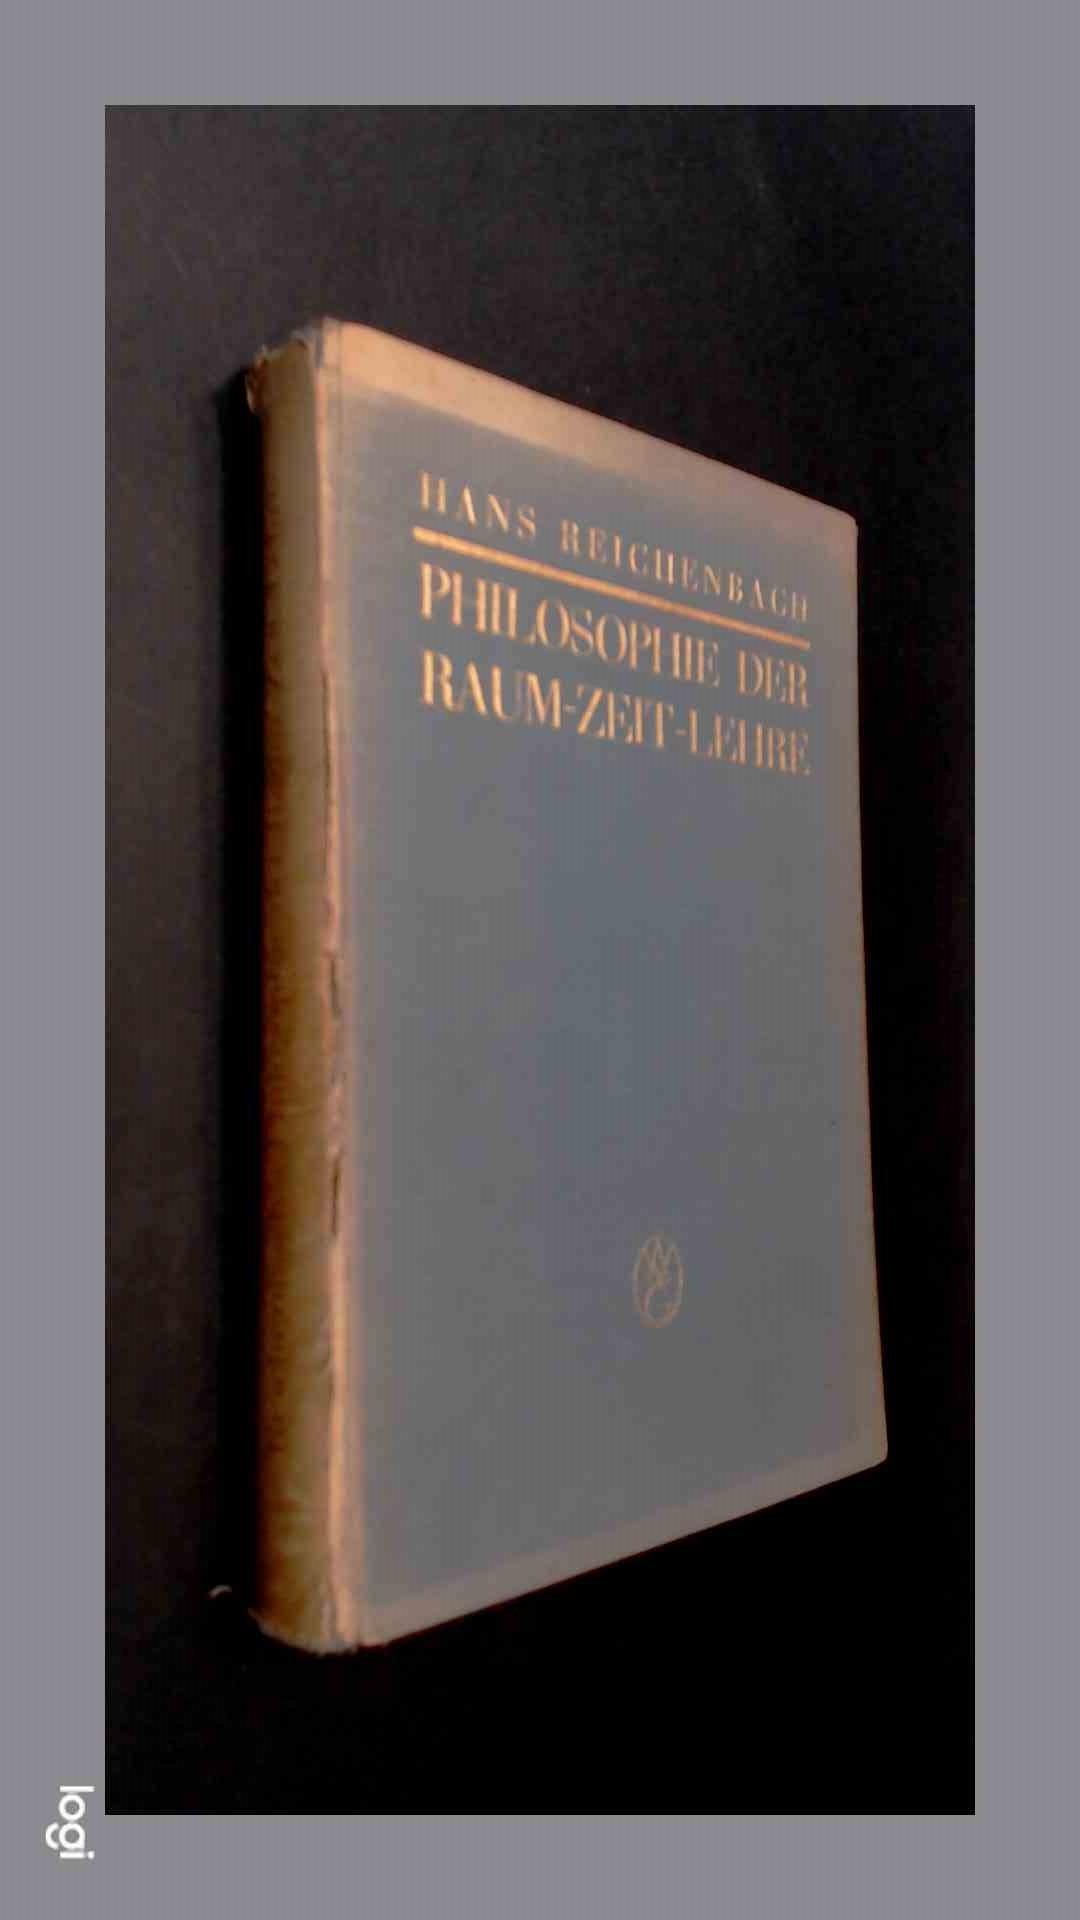 REICHENBACH, HANS - Philosophie der Raum-Zeit-Lehre